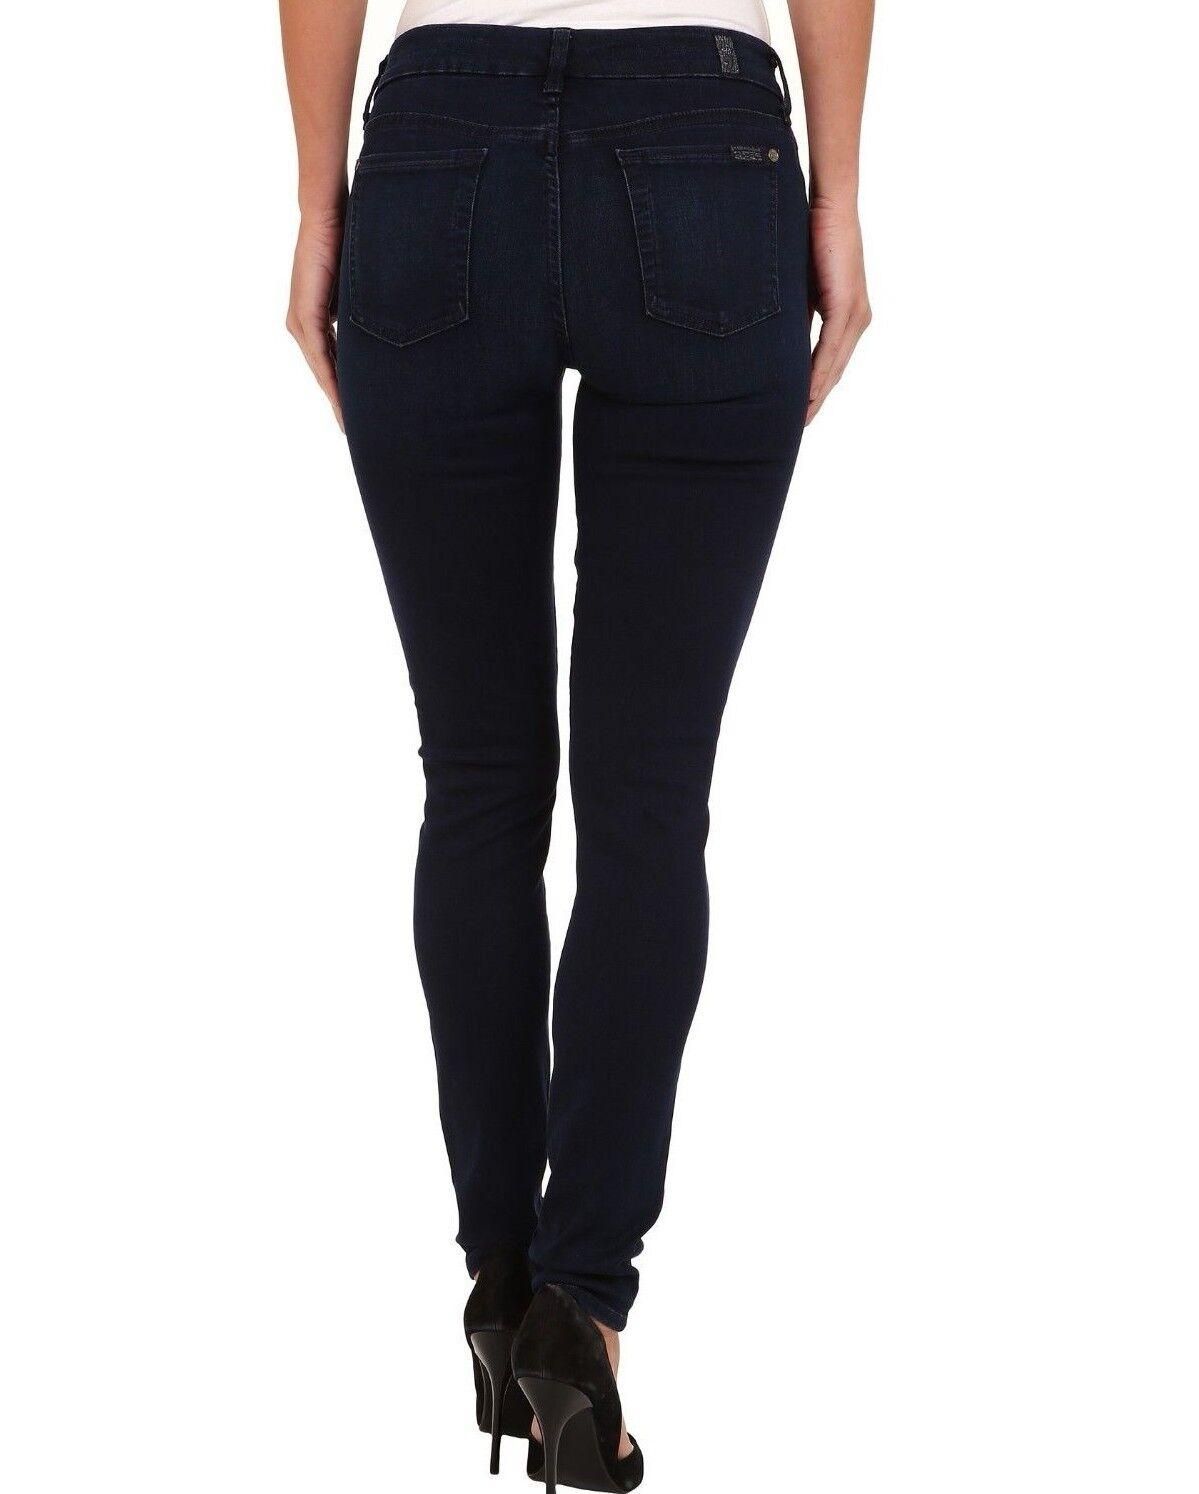 Nwt 7 für Alle Sz26 Zweite Haut Midrise Contour Twill Jeans Marineblau Blau